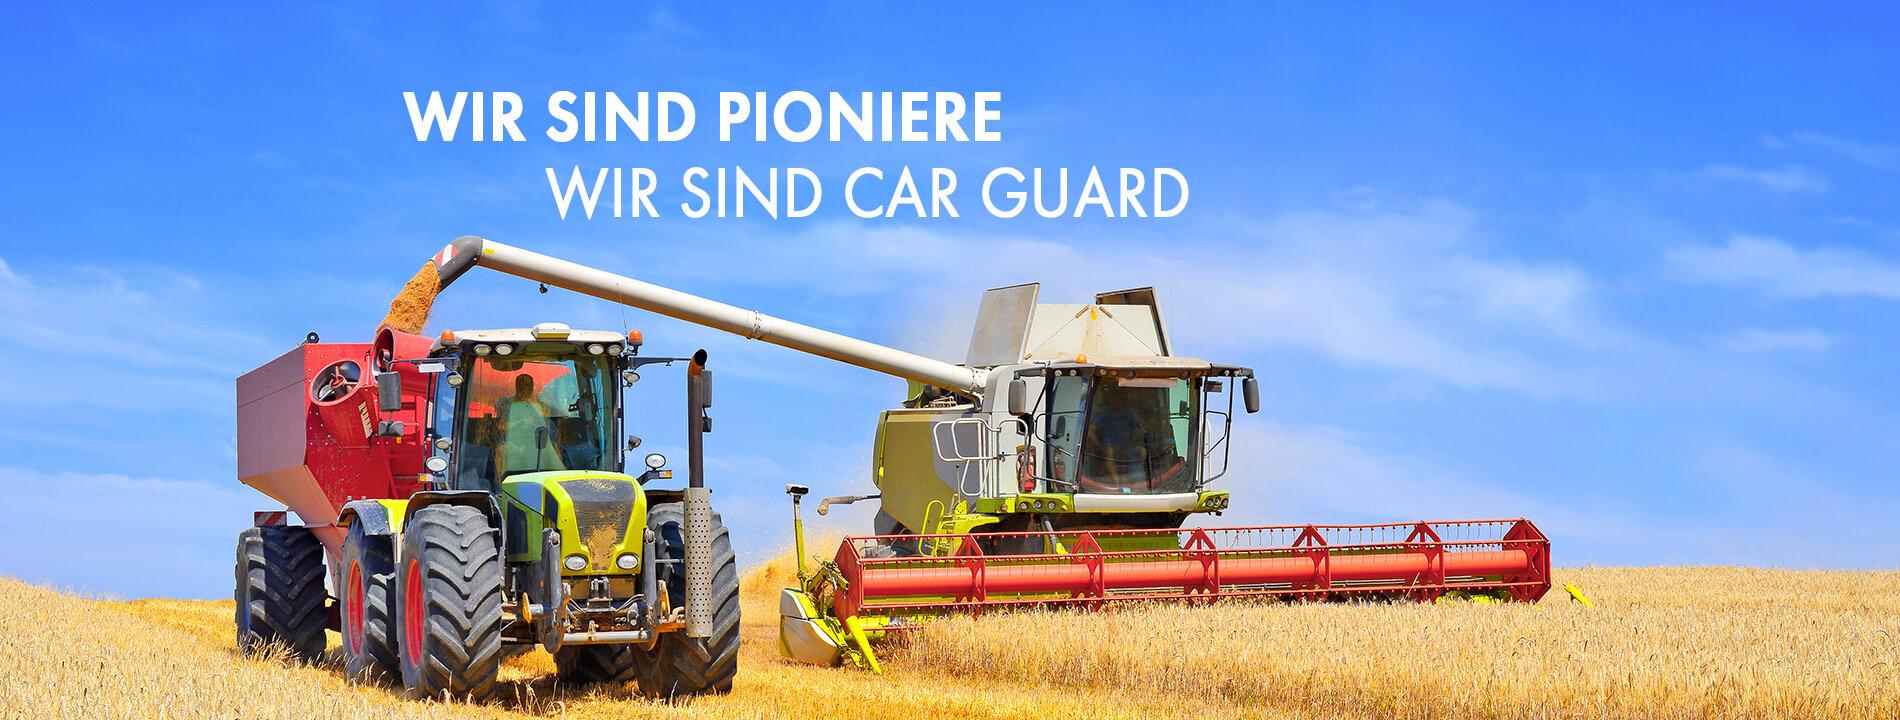 Wir sind Pioniere - Wir sind Car Guard